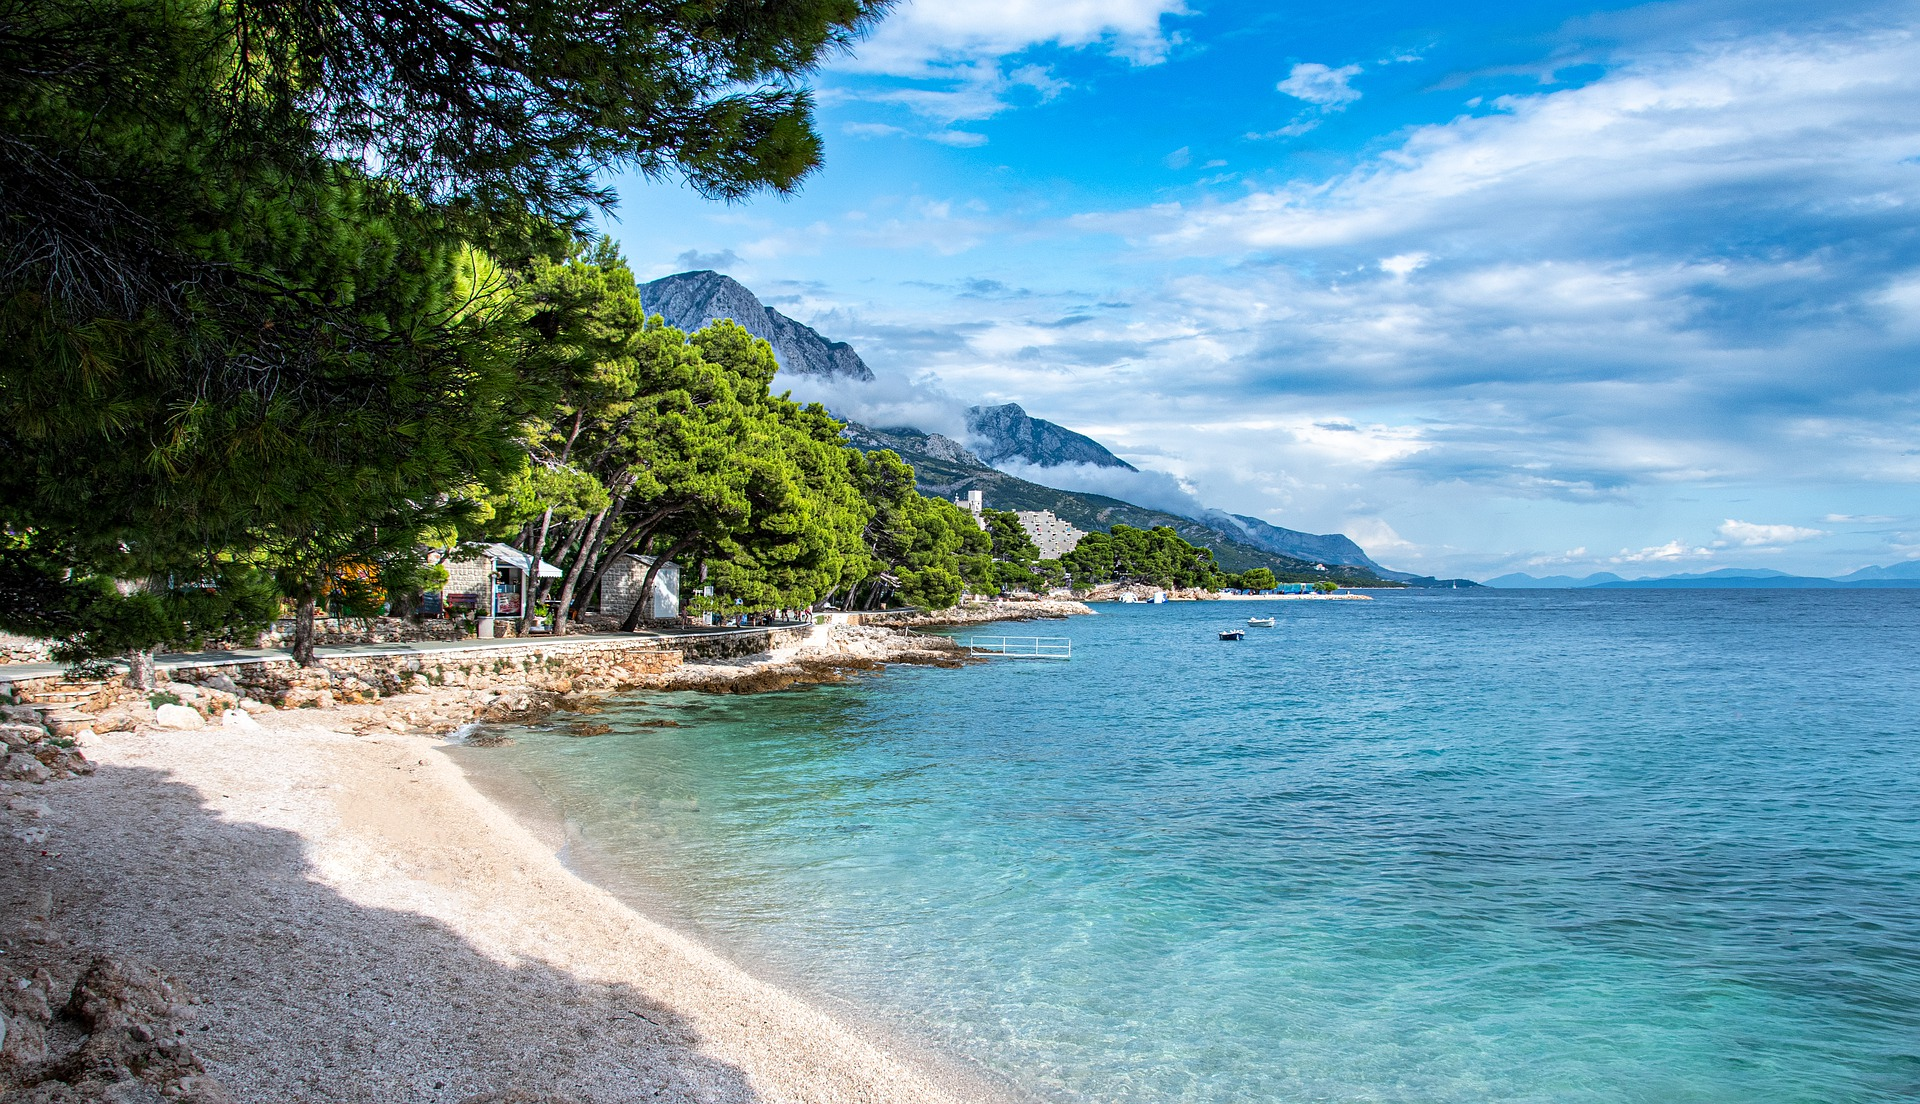 Пляж находится в 100 метрах от отеля. Прогулявшись по дорожке через сосновый лес, вы откроете для себя кристально чистое сине-зеленое море и жемчужно-белые камушки, характерные для Рабаца.